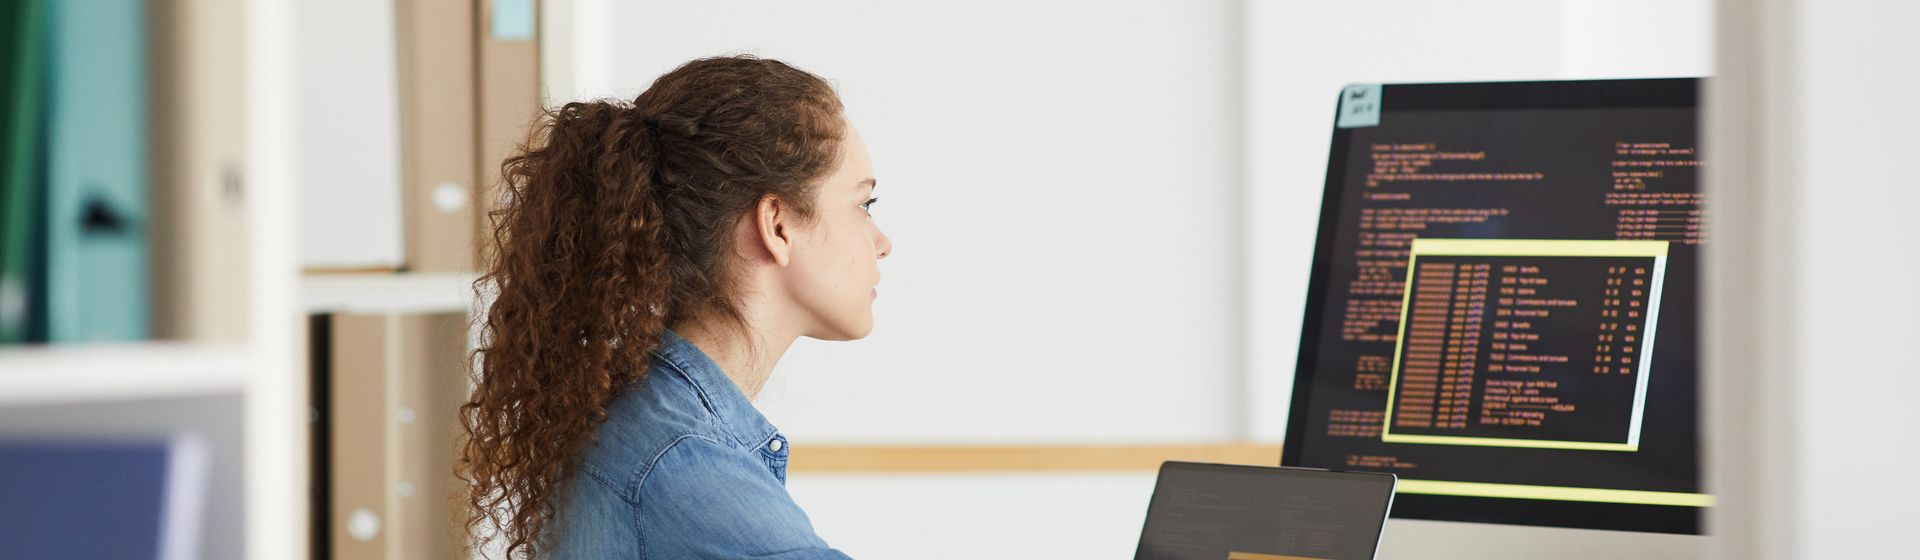 Notebook para programar: quais são os melhores? Confira!